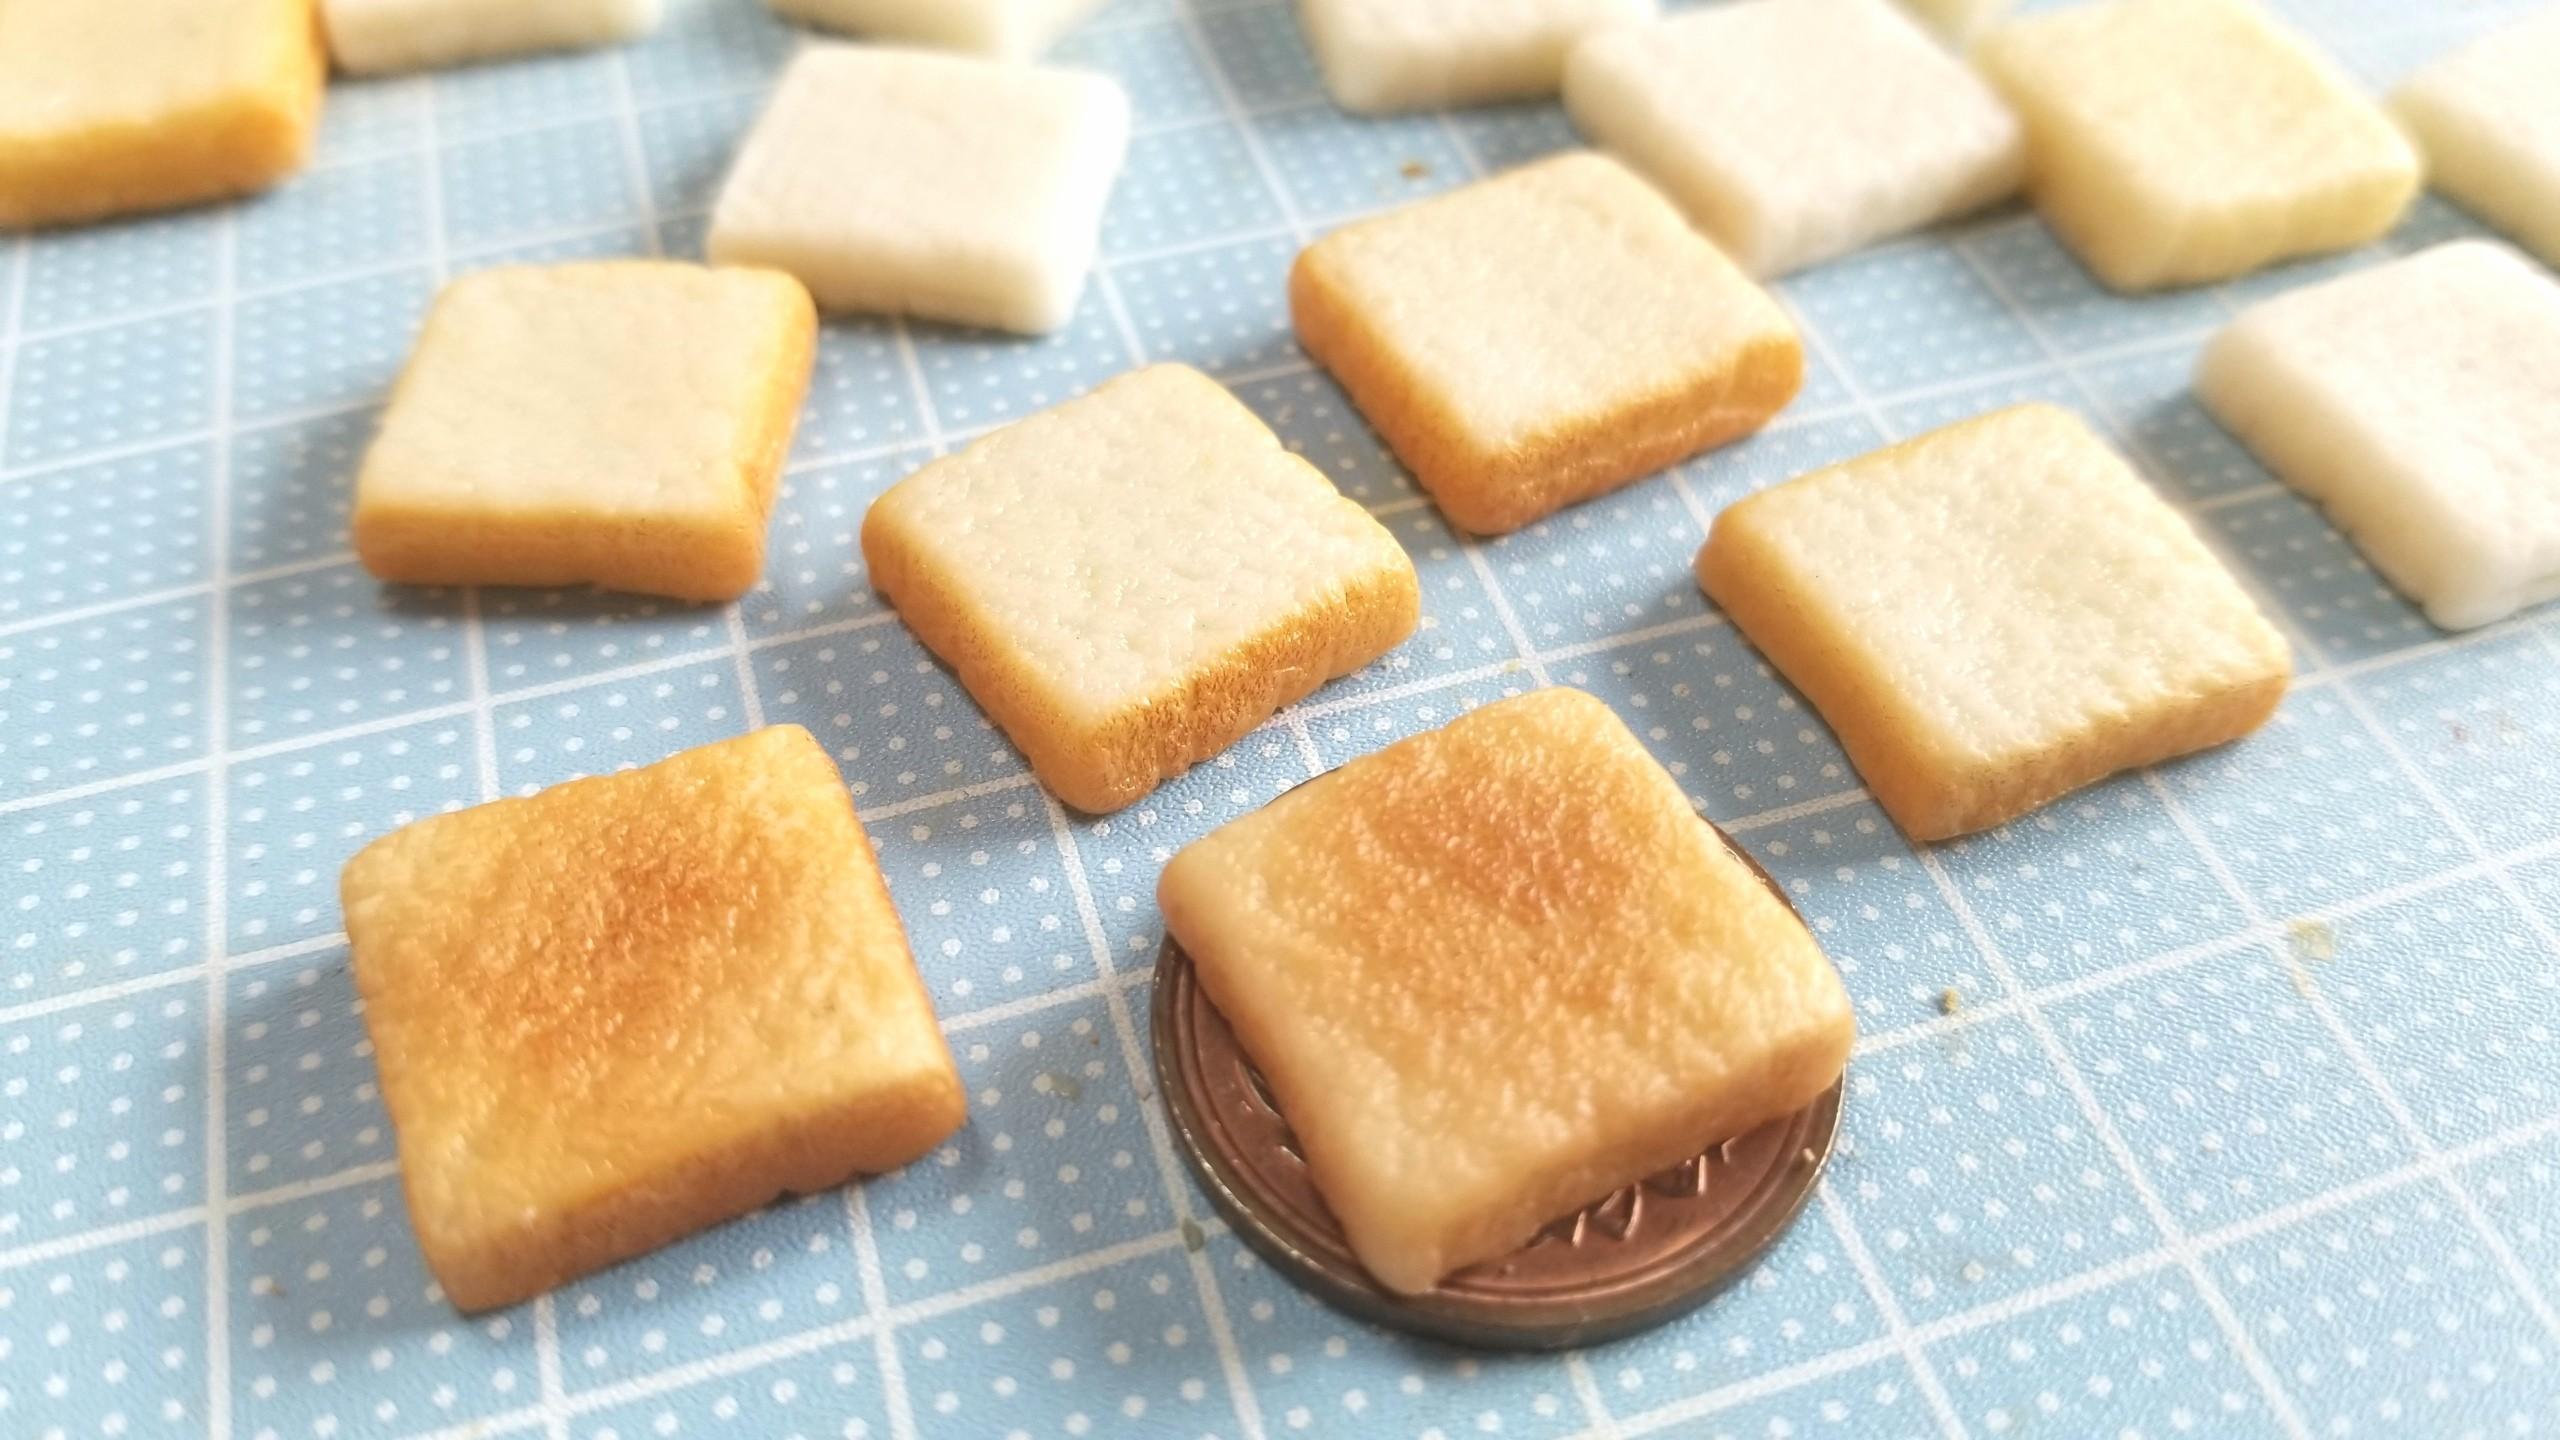 ミニチュアフードトースト,粘土アート自作,ミンネで販売中,おもちゃ